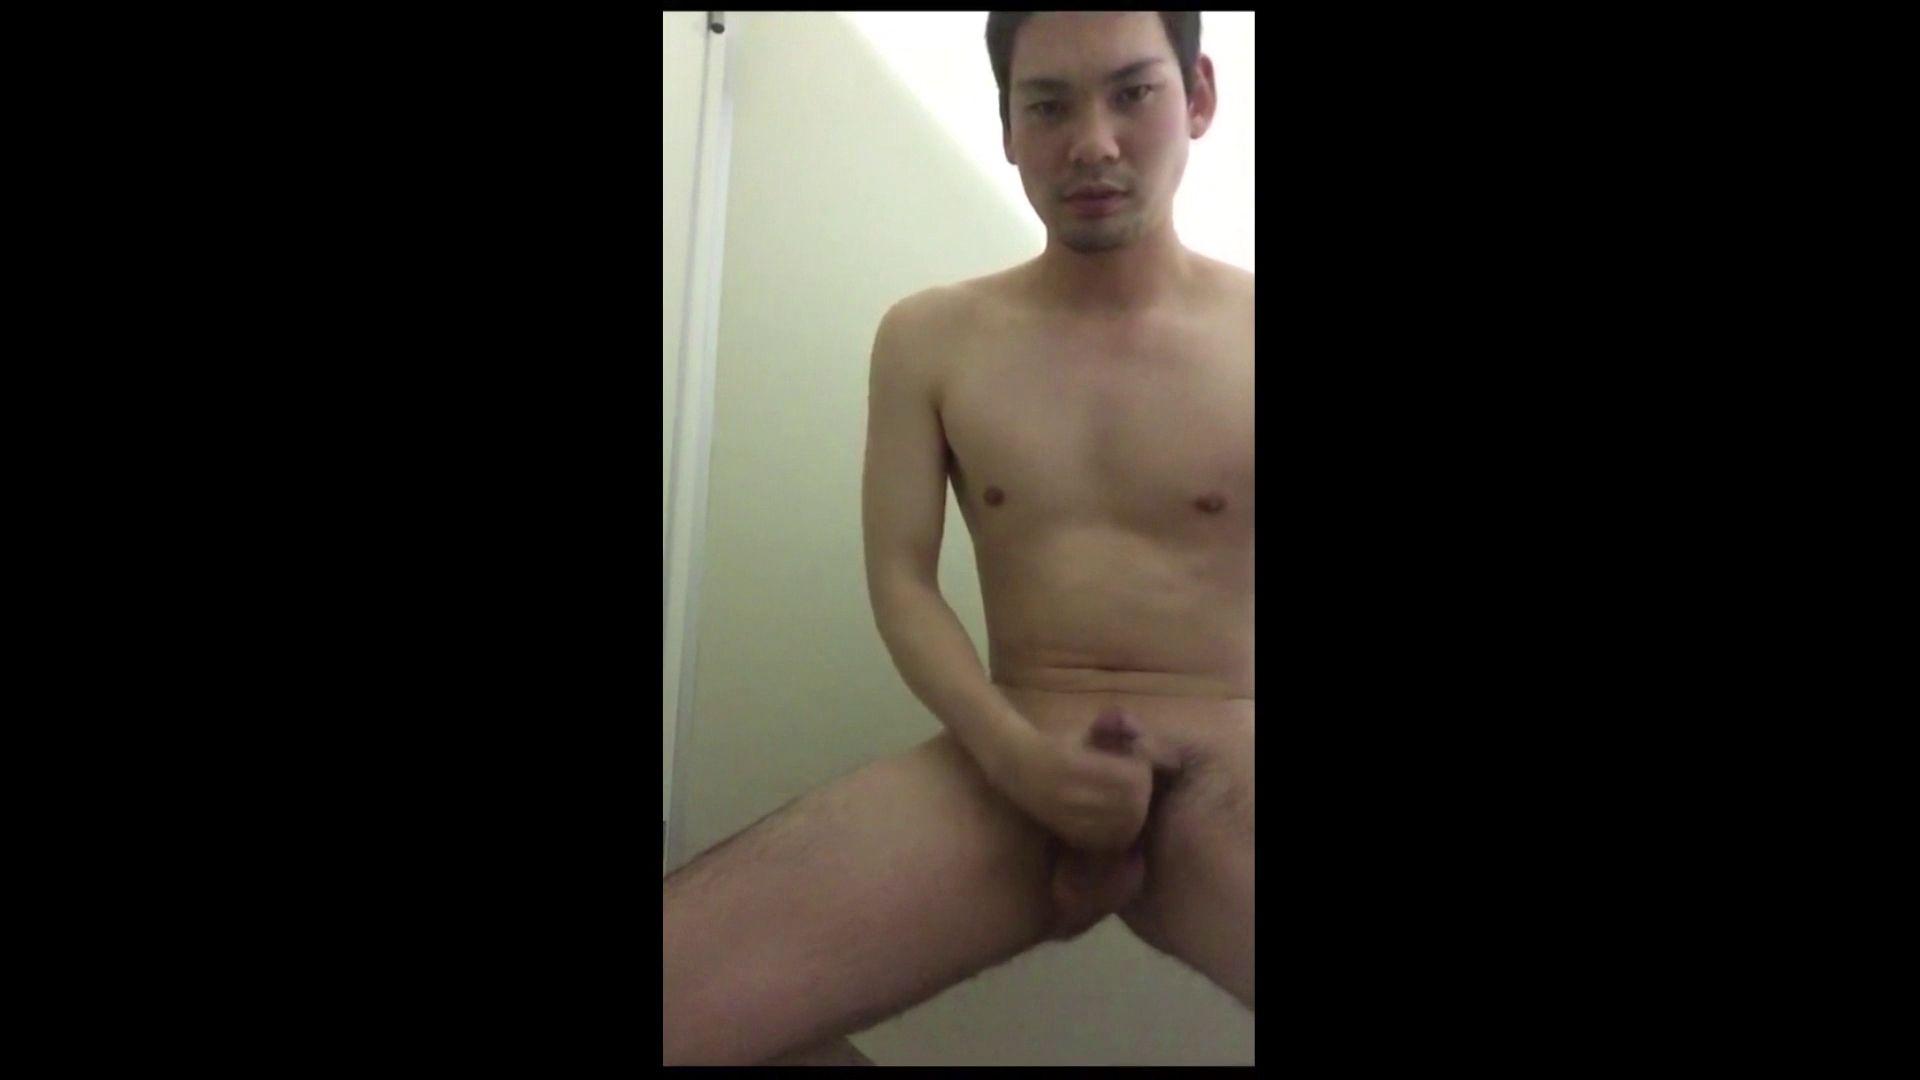 個人撮影 自慰の極意 Vol.3 オナニー ゲイ無修正ビデオ画像 111pic 93